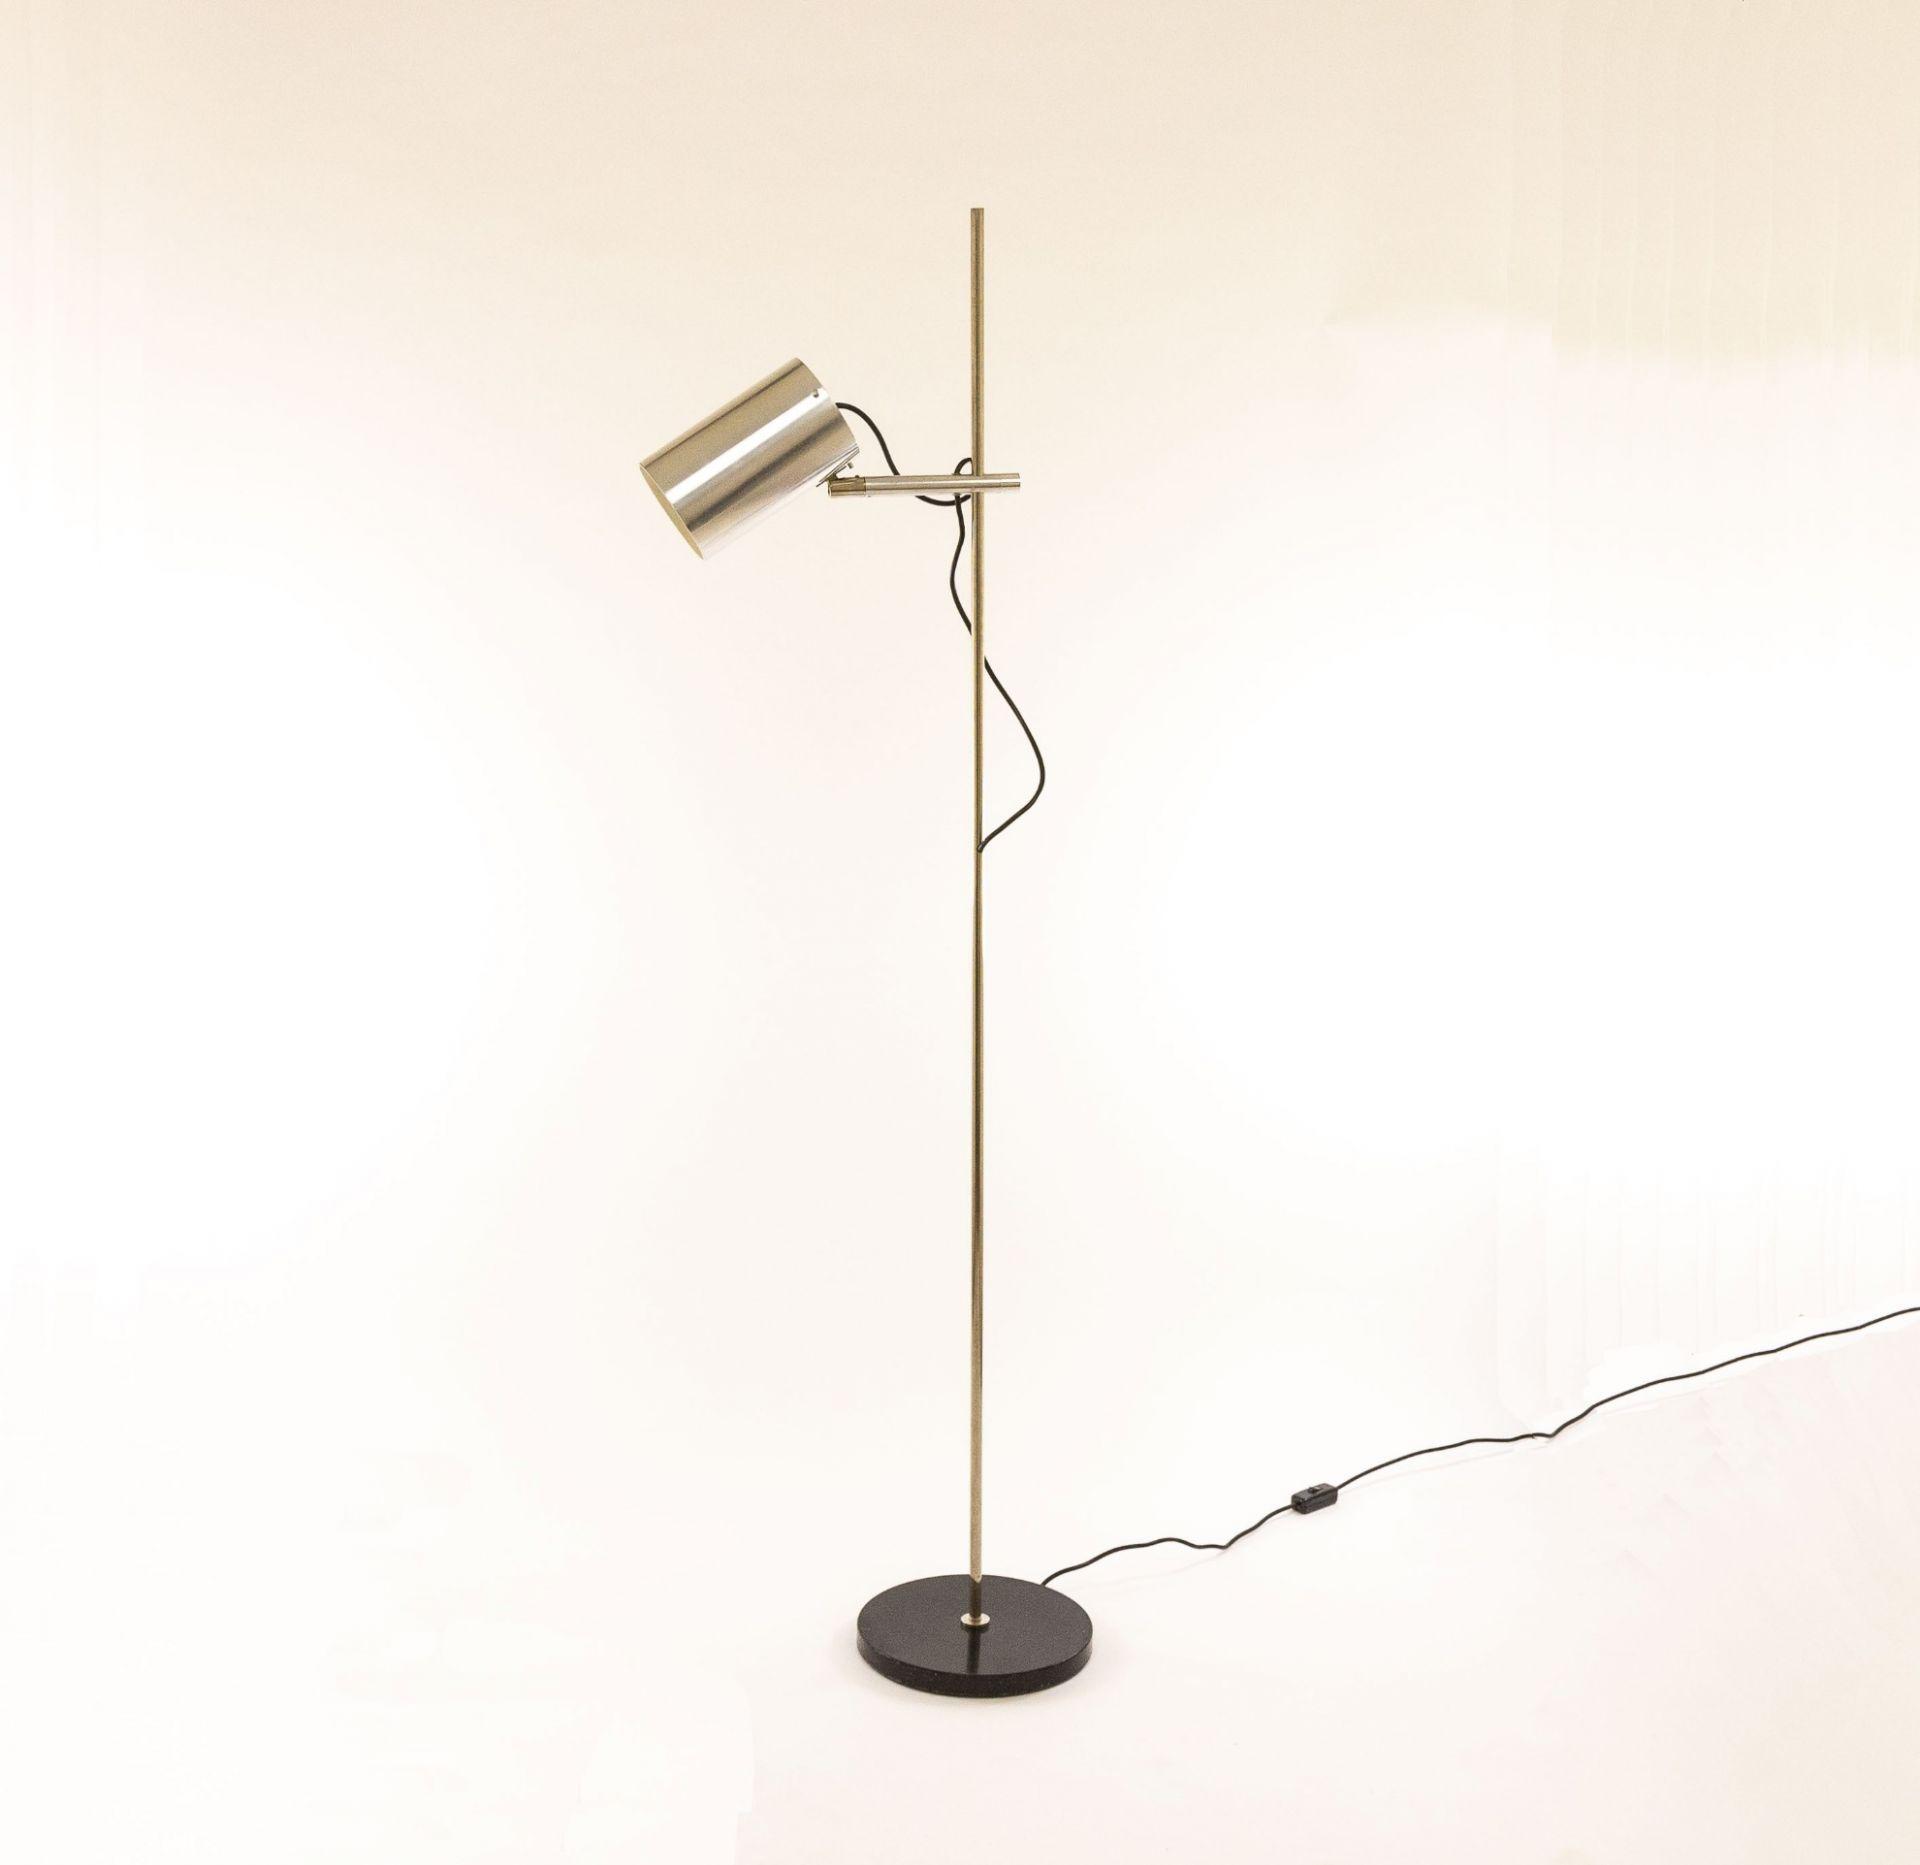 Floor lamp with one spot by Indoor lighting design (attr.), 1970s